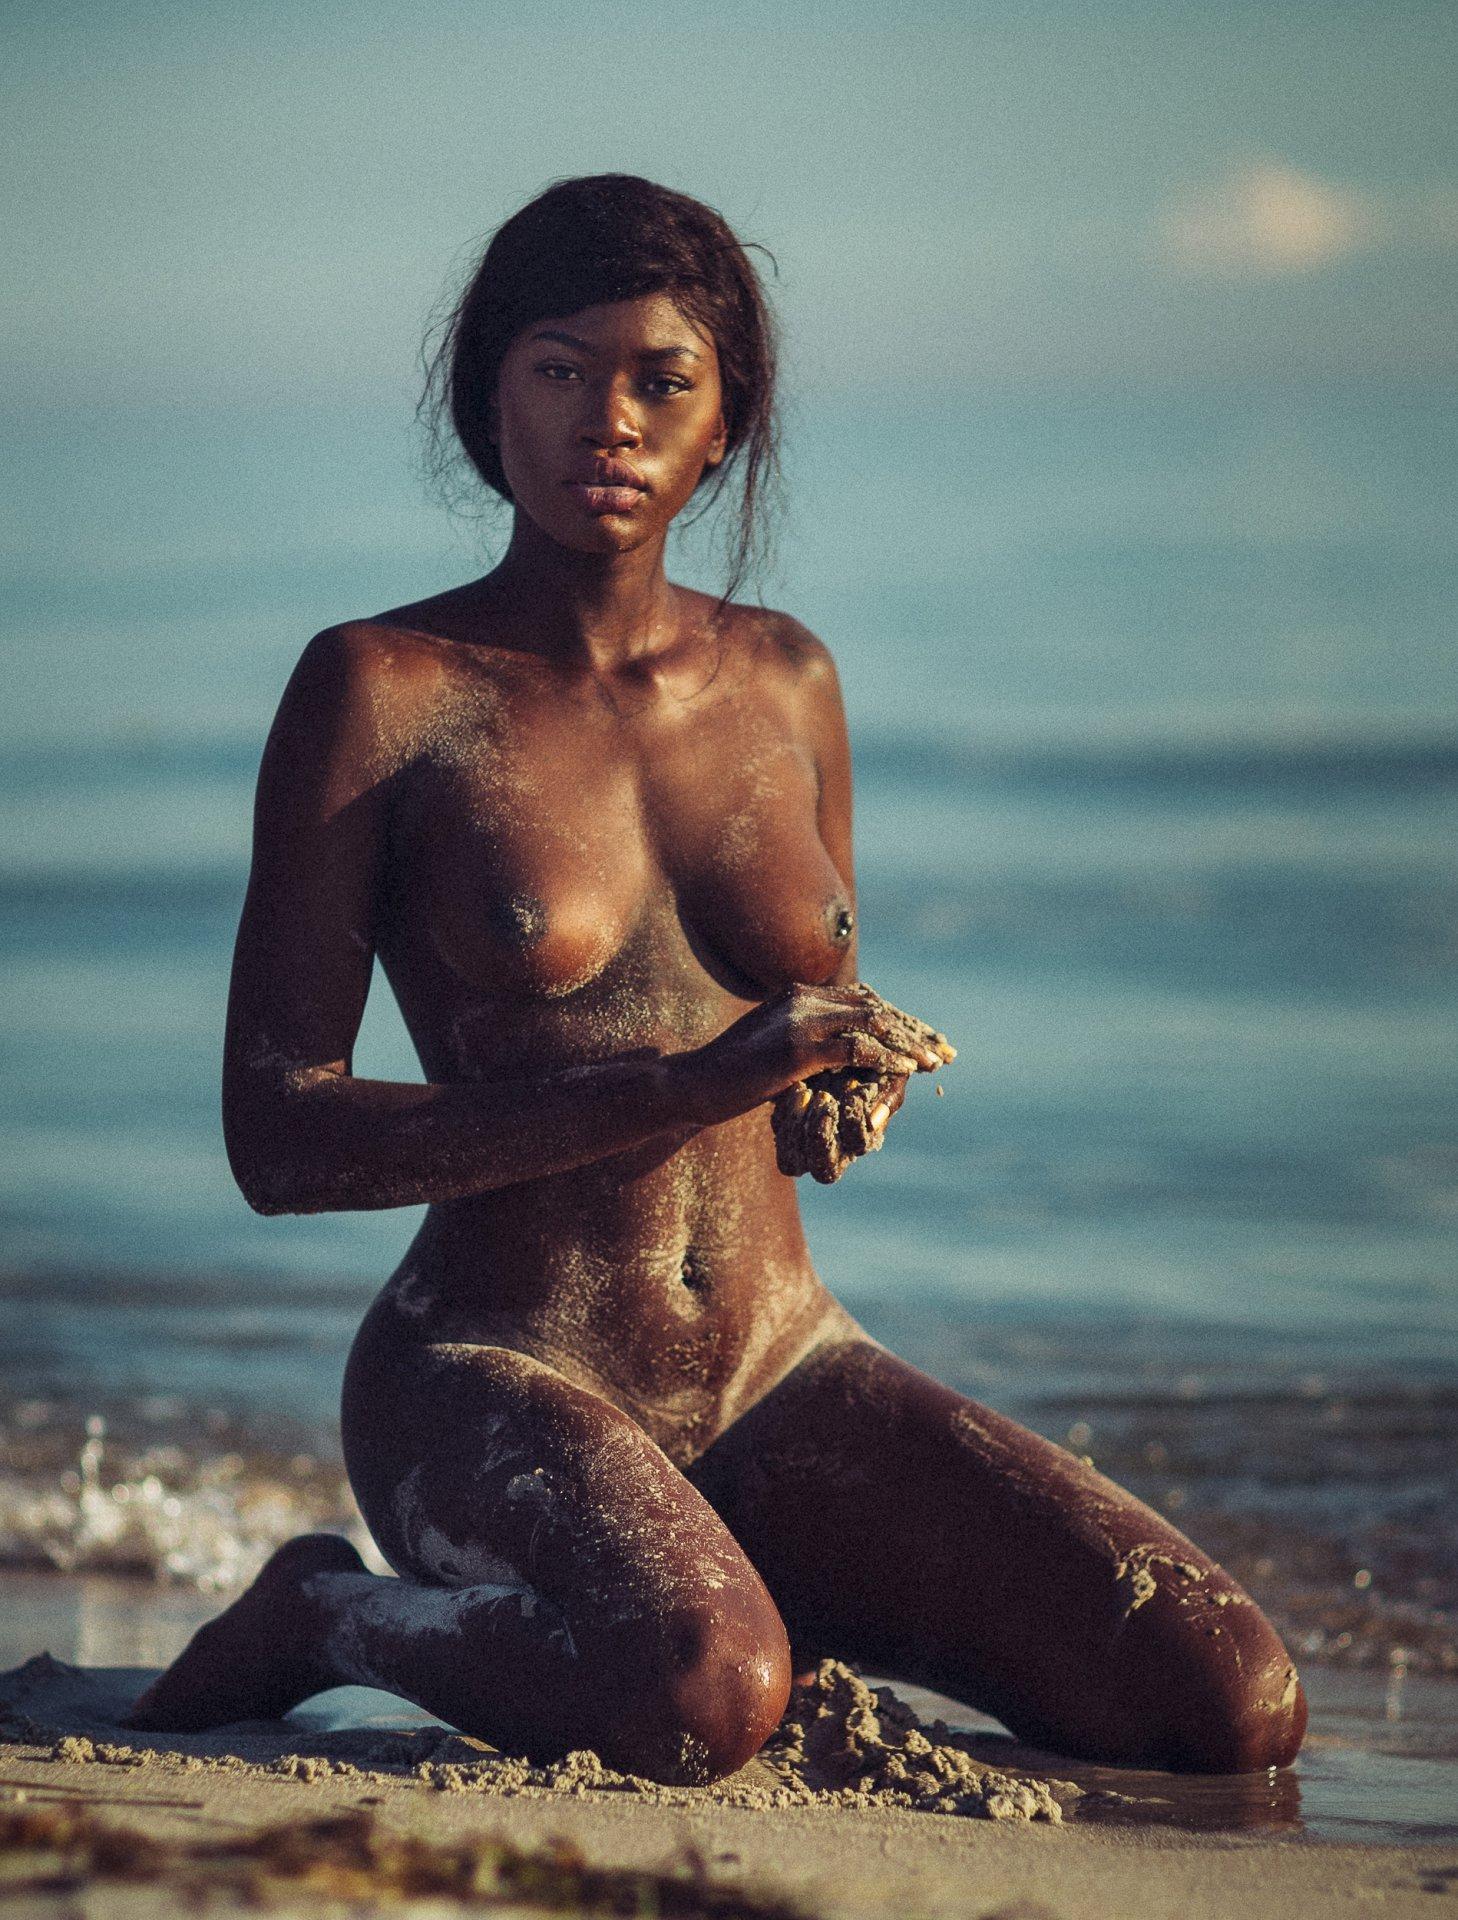 Naomi Nash - Thomas Agatz photoshoot